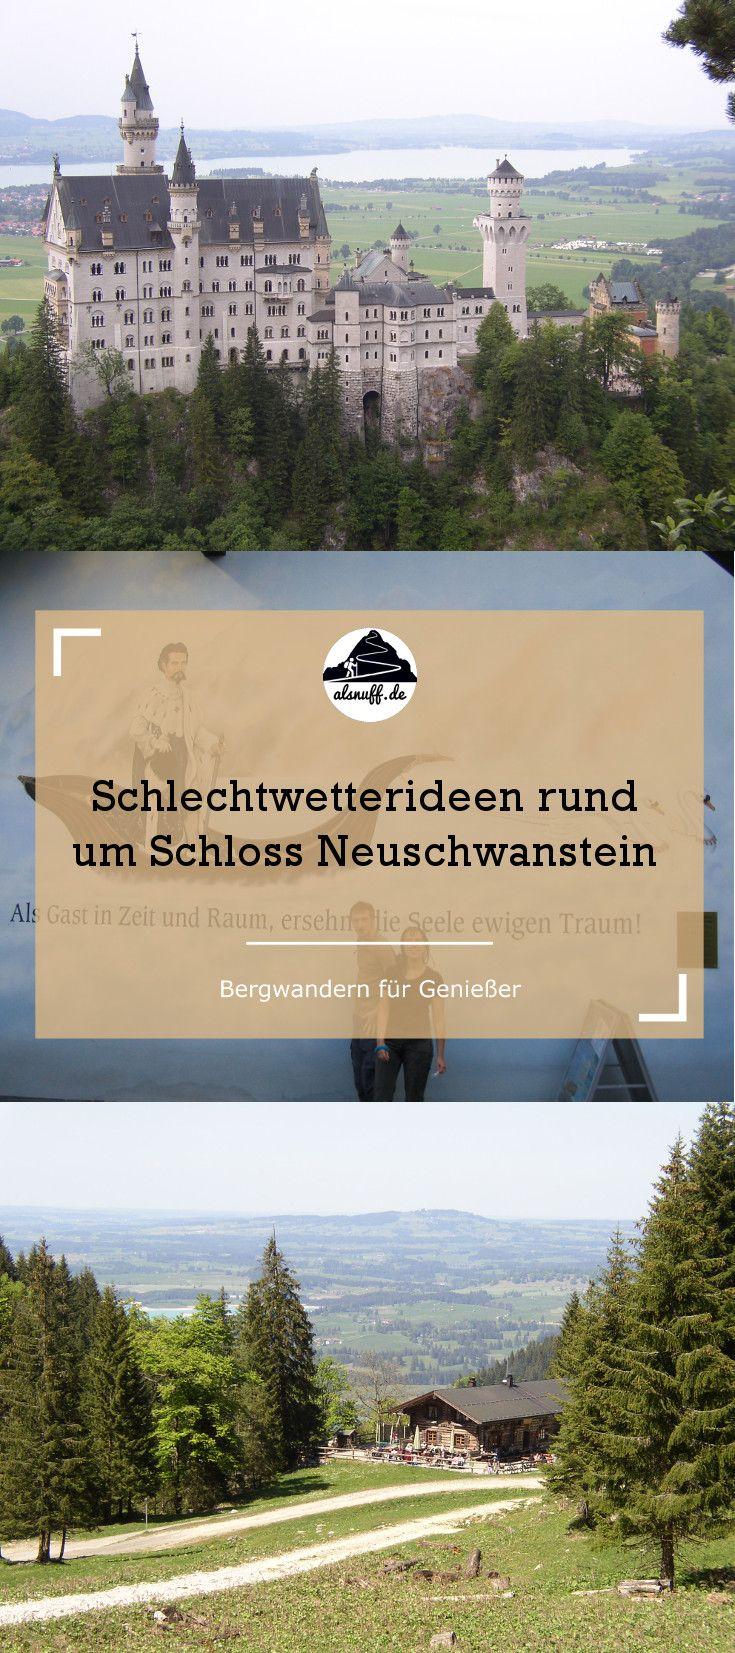 Ideen Fur Regentage In Fussen Schwangau Und Umgebung Alpen Forggensee Neuschwanstein Hohenschwangau Wandern Allgau Regen Ausflug Allgau Urlaub Reisen